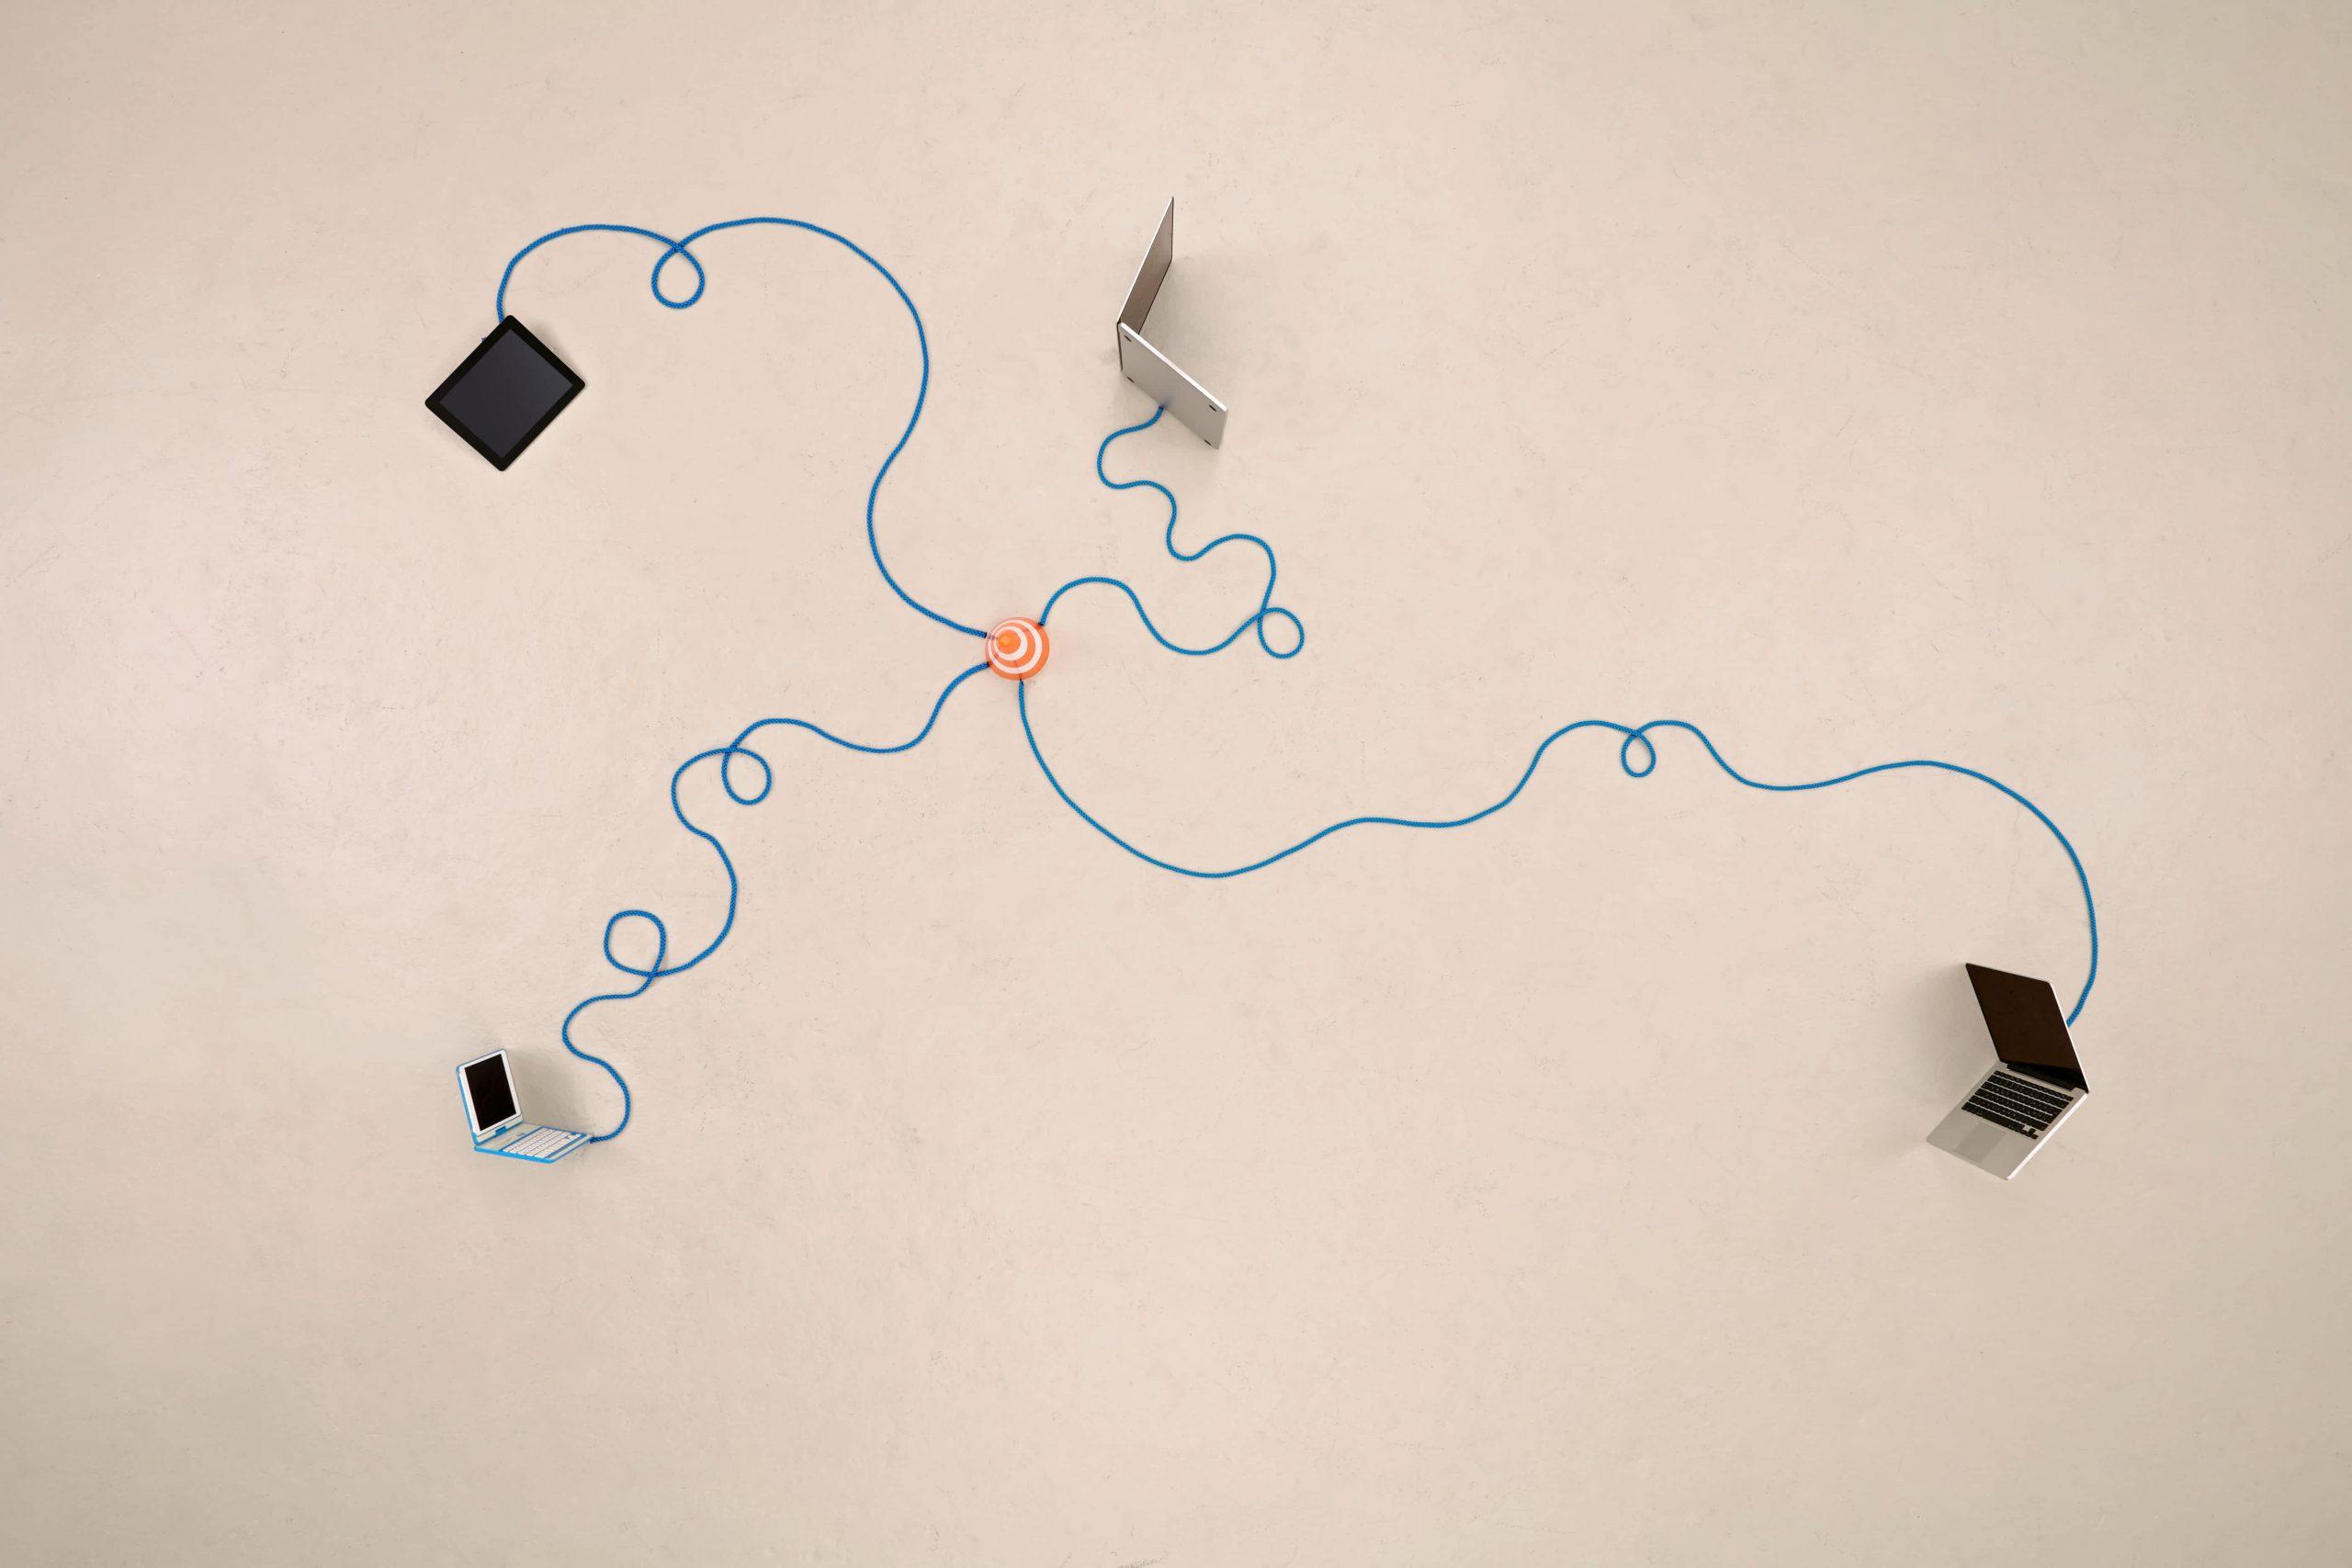 Verbundene elektronische Geräte für Recovery Konzept der Keystone SDA